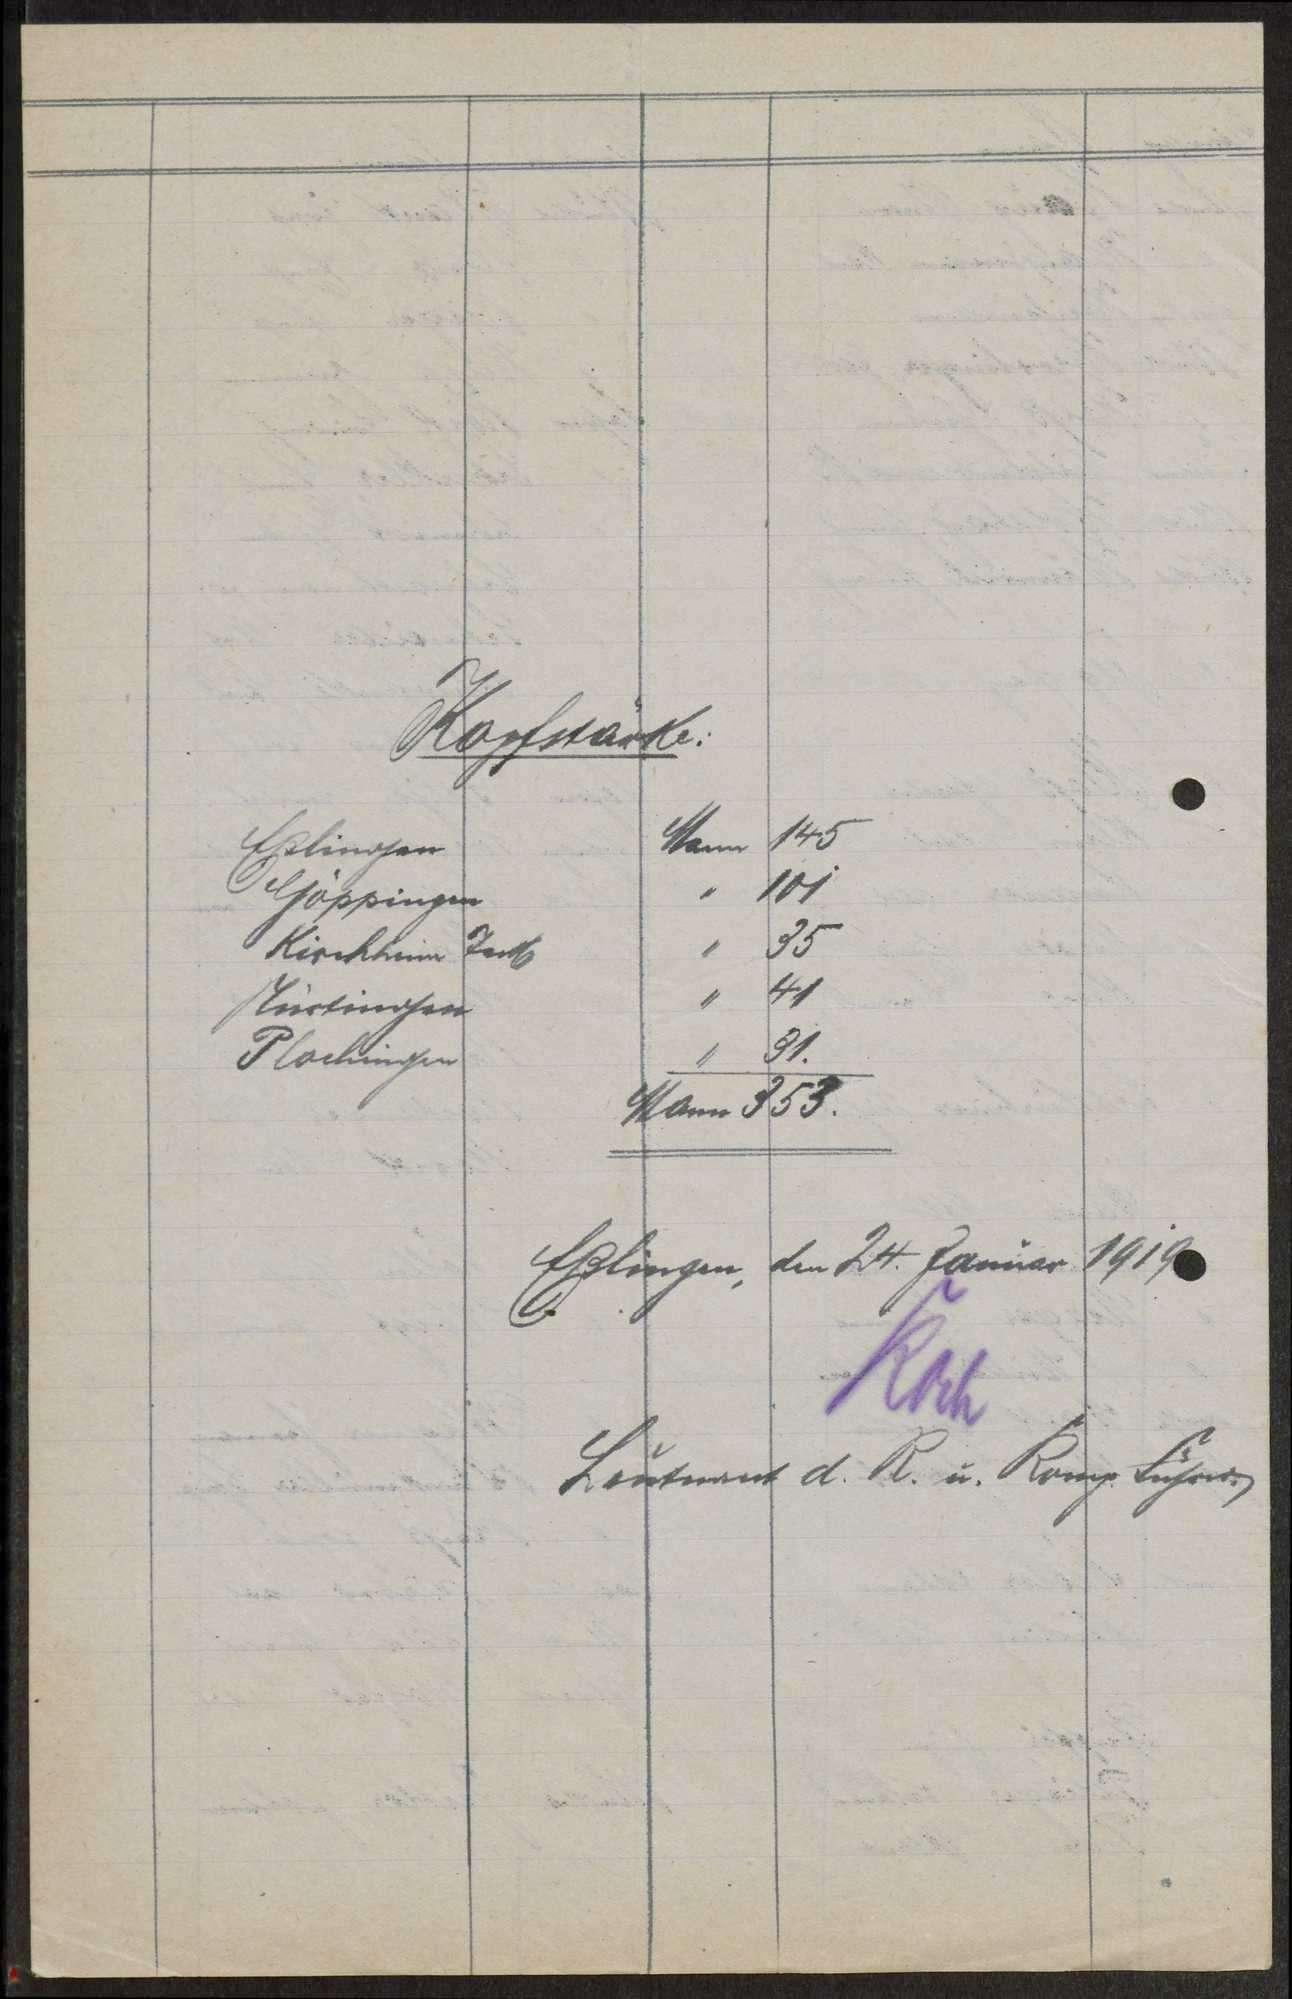 Namensverzeichnis der Sicherheitskompanie 5, Bild 3